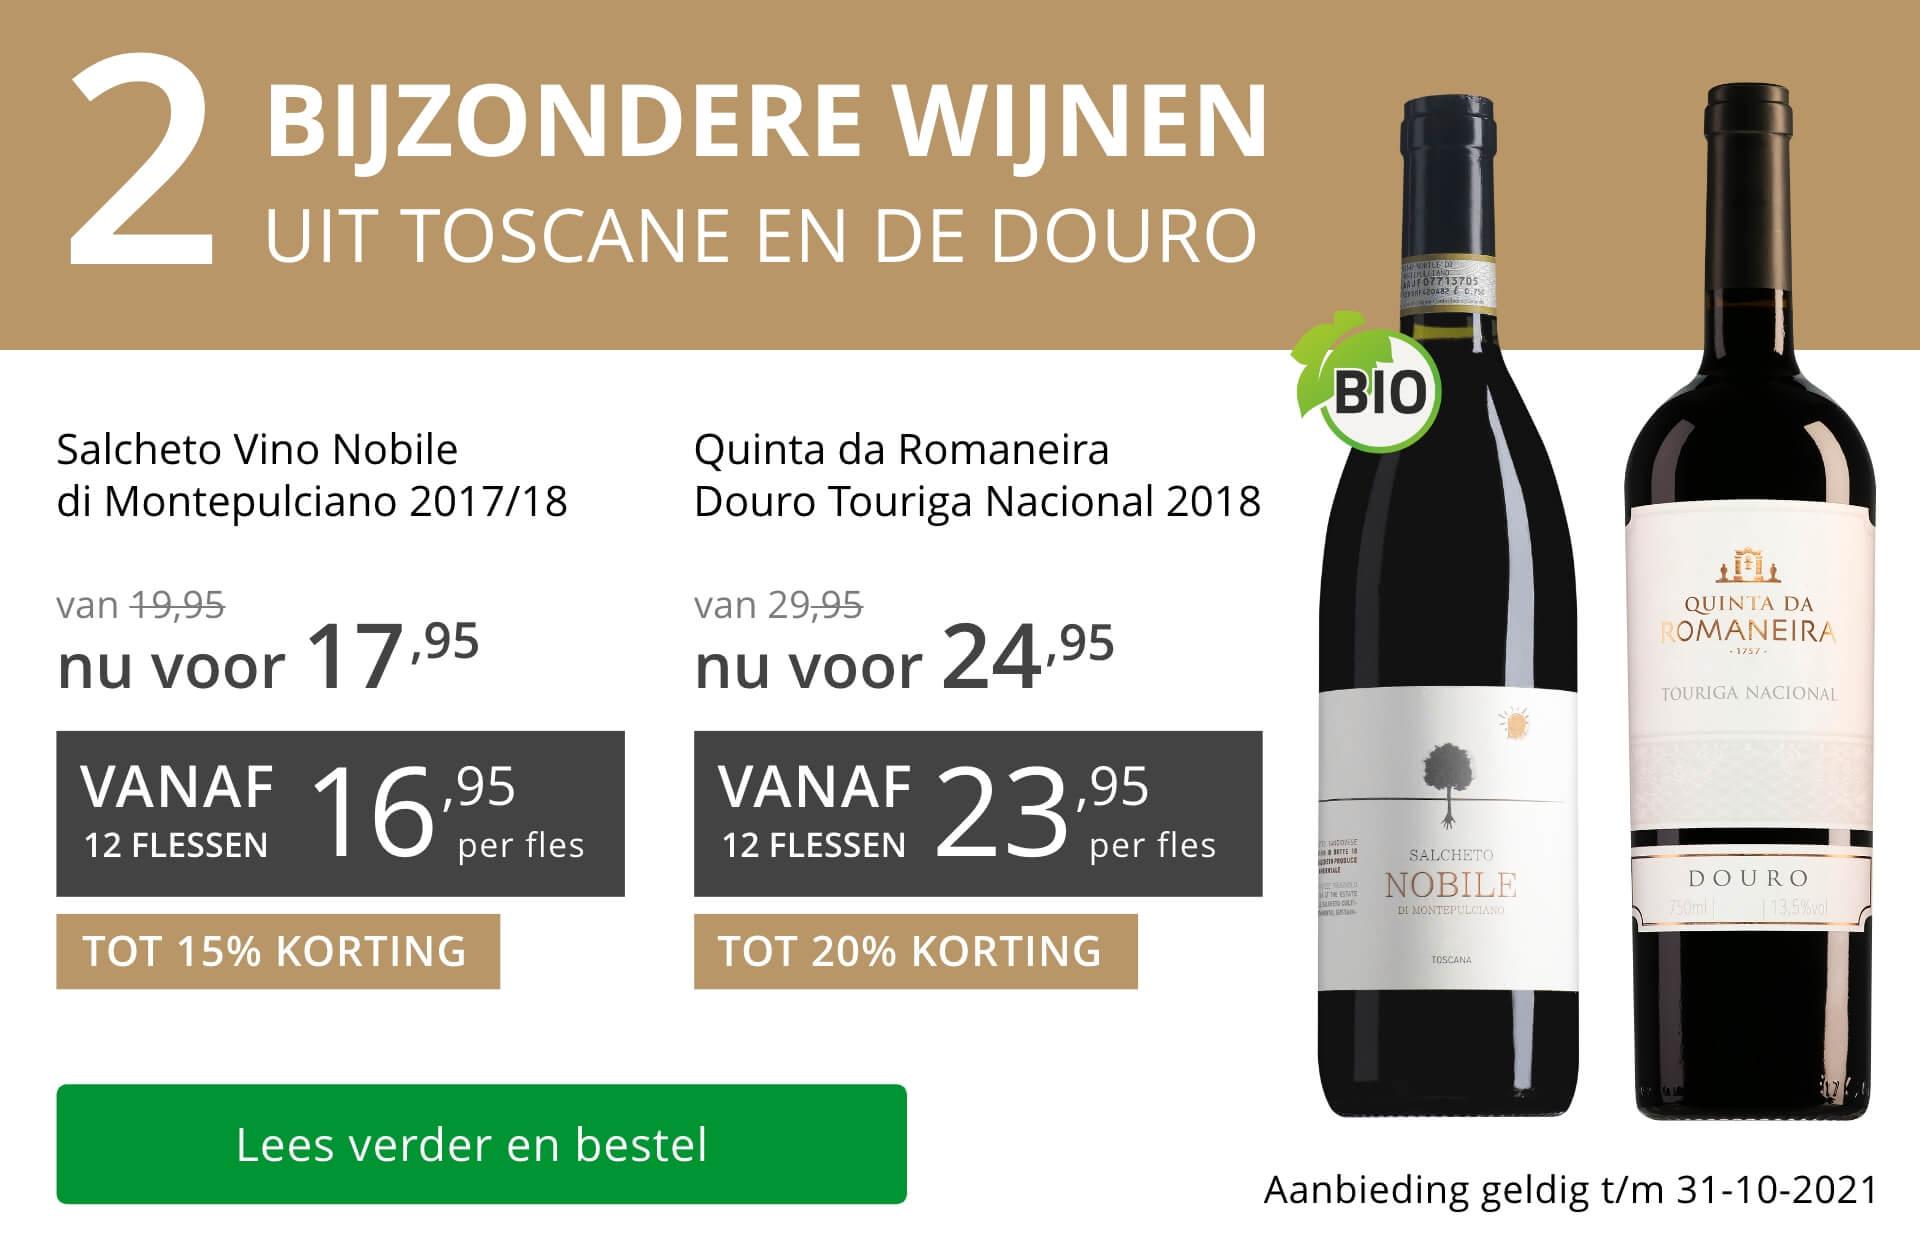 Twee bijzondere wijnen oktober 2021 - grijs/goud